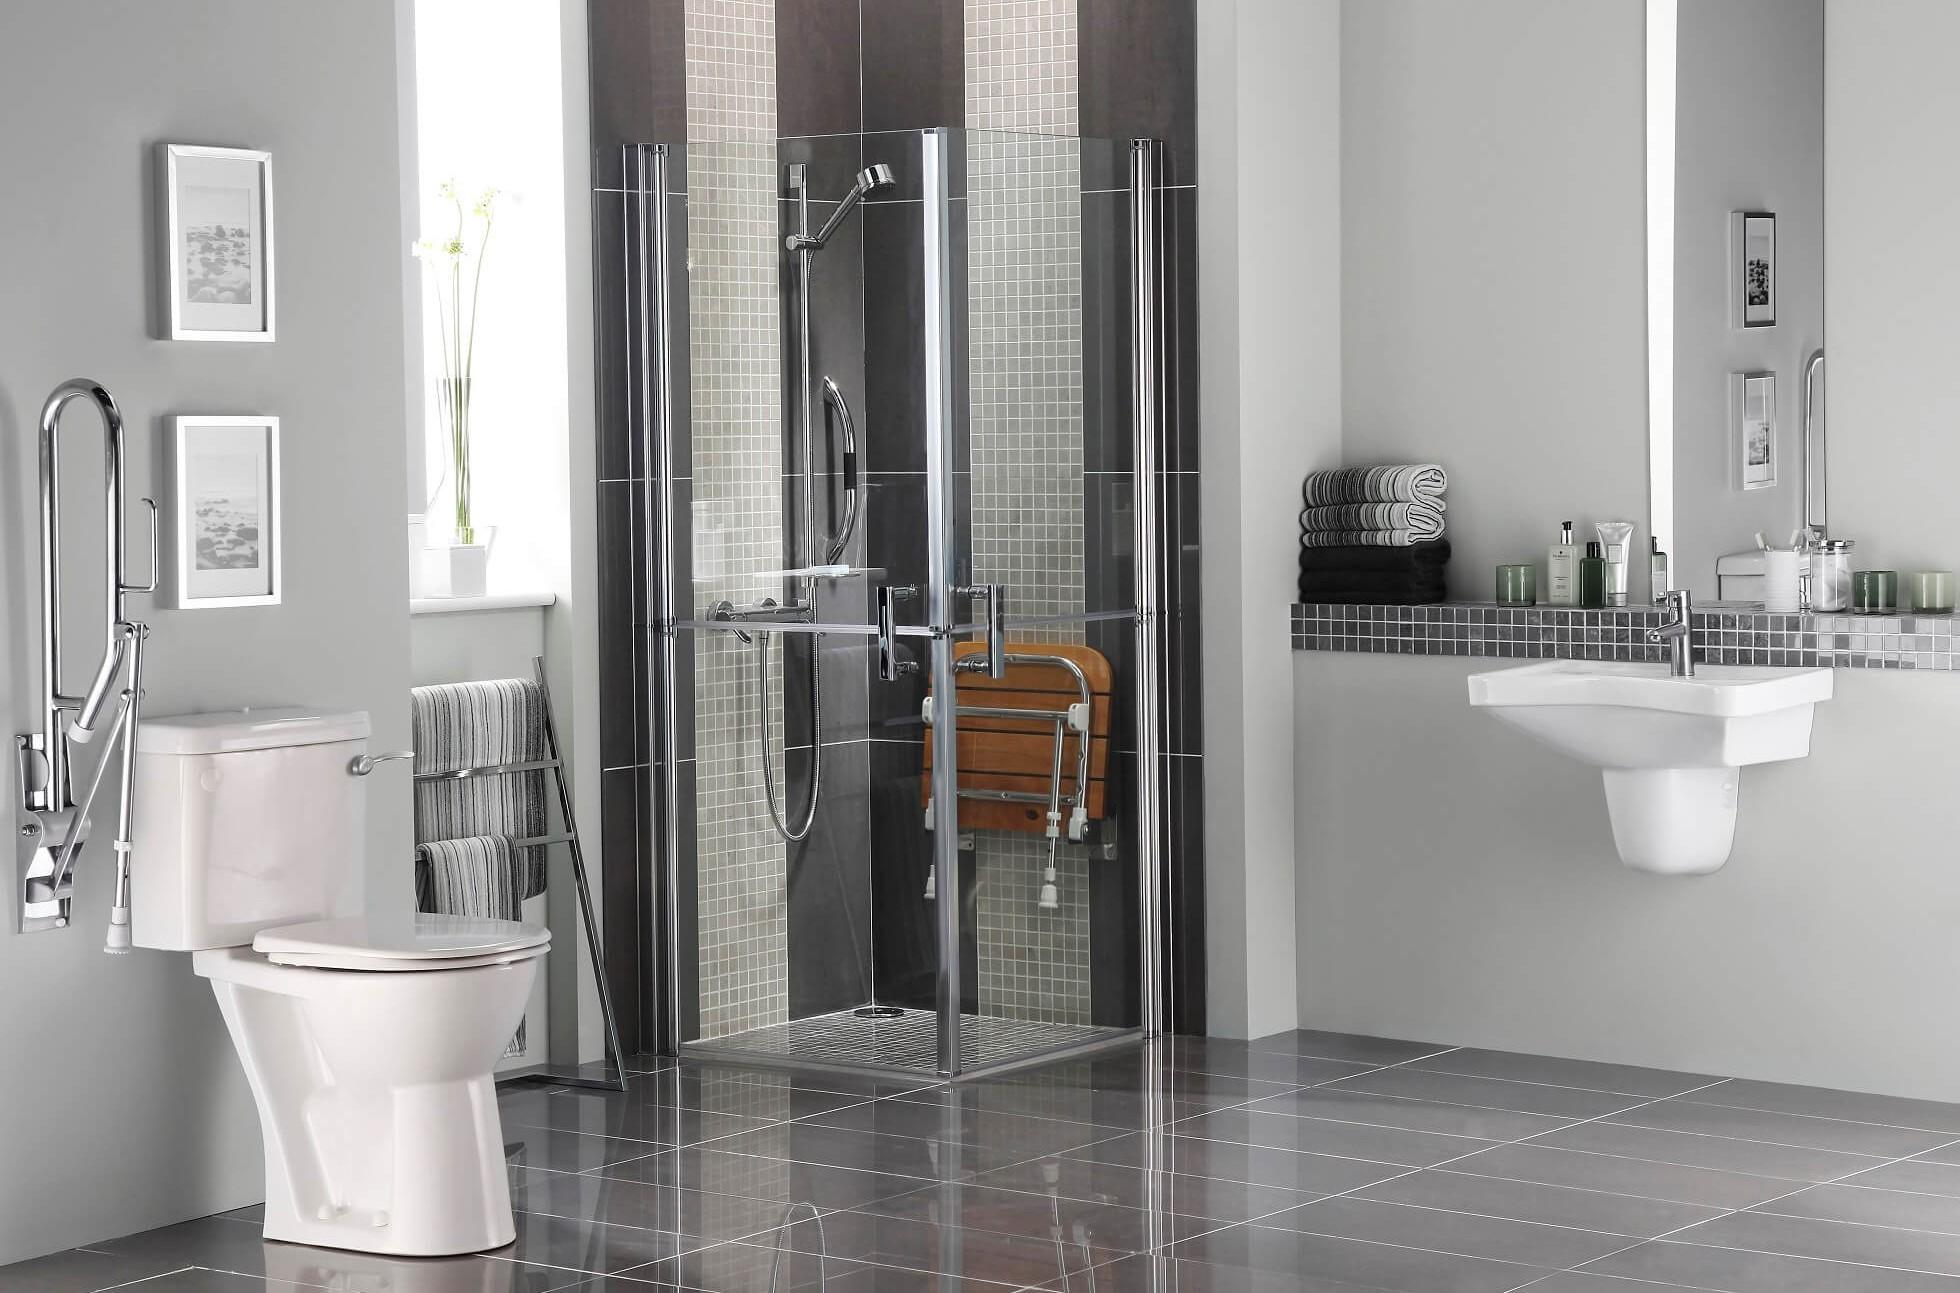 Full Size of Glastrennwand Dusche Behindertengerechtes Bad Mischbatterie Einbauen Begehbare Duschen Fliesen Für Bodengleiche Nachträglich Unterputz Armatur Raindance Dusche Behindertengerechte Dusche